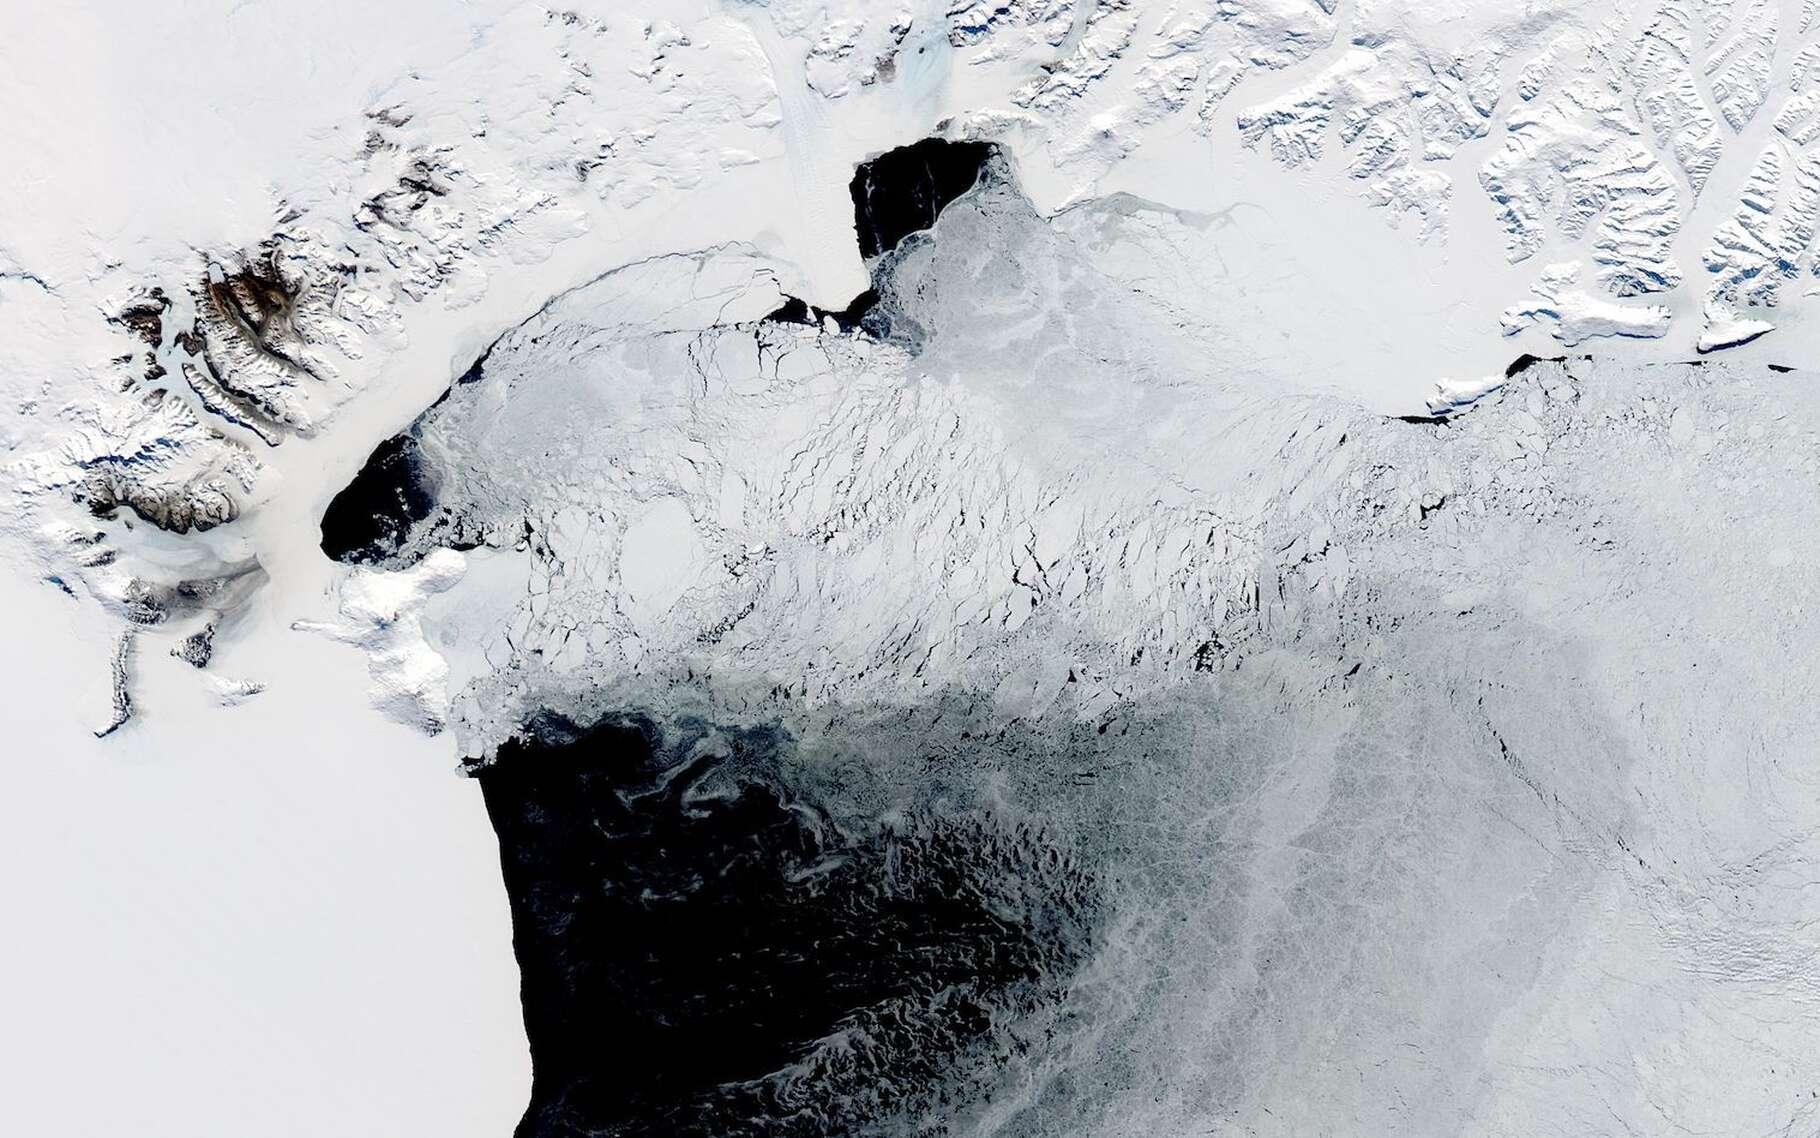 Le terme polynie se rapporte à un trou de glace dans la banquise. Ici, sur la côte de l'Antarctique, à proximité de l'île de Ross. © Earthobservatory, Nasa